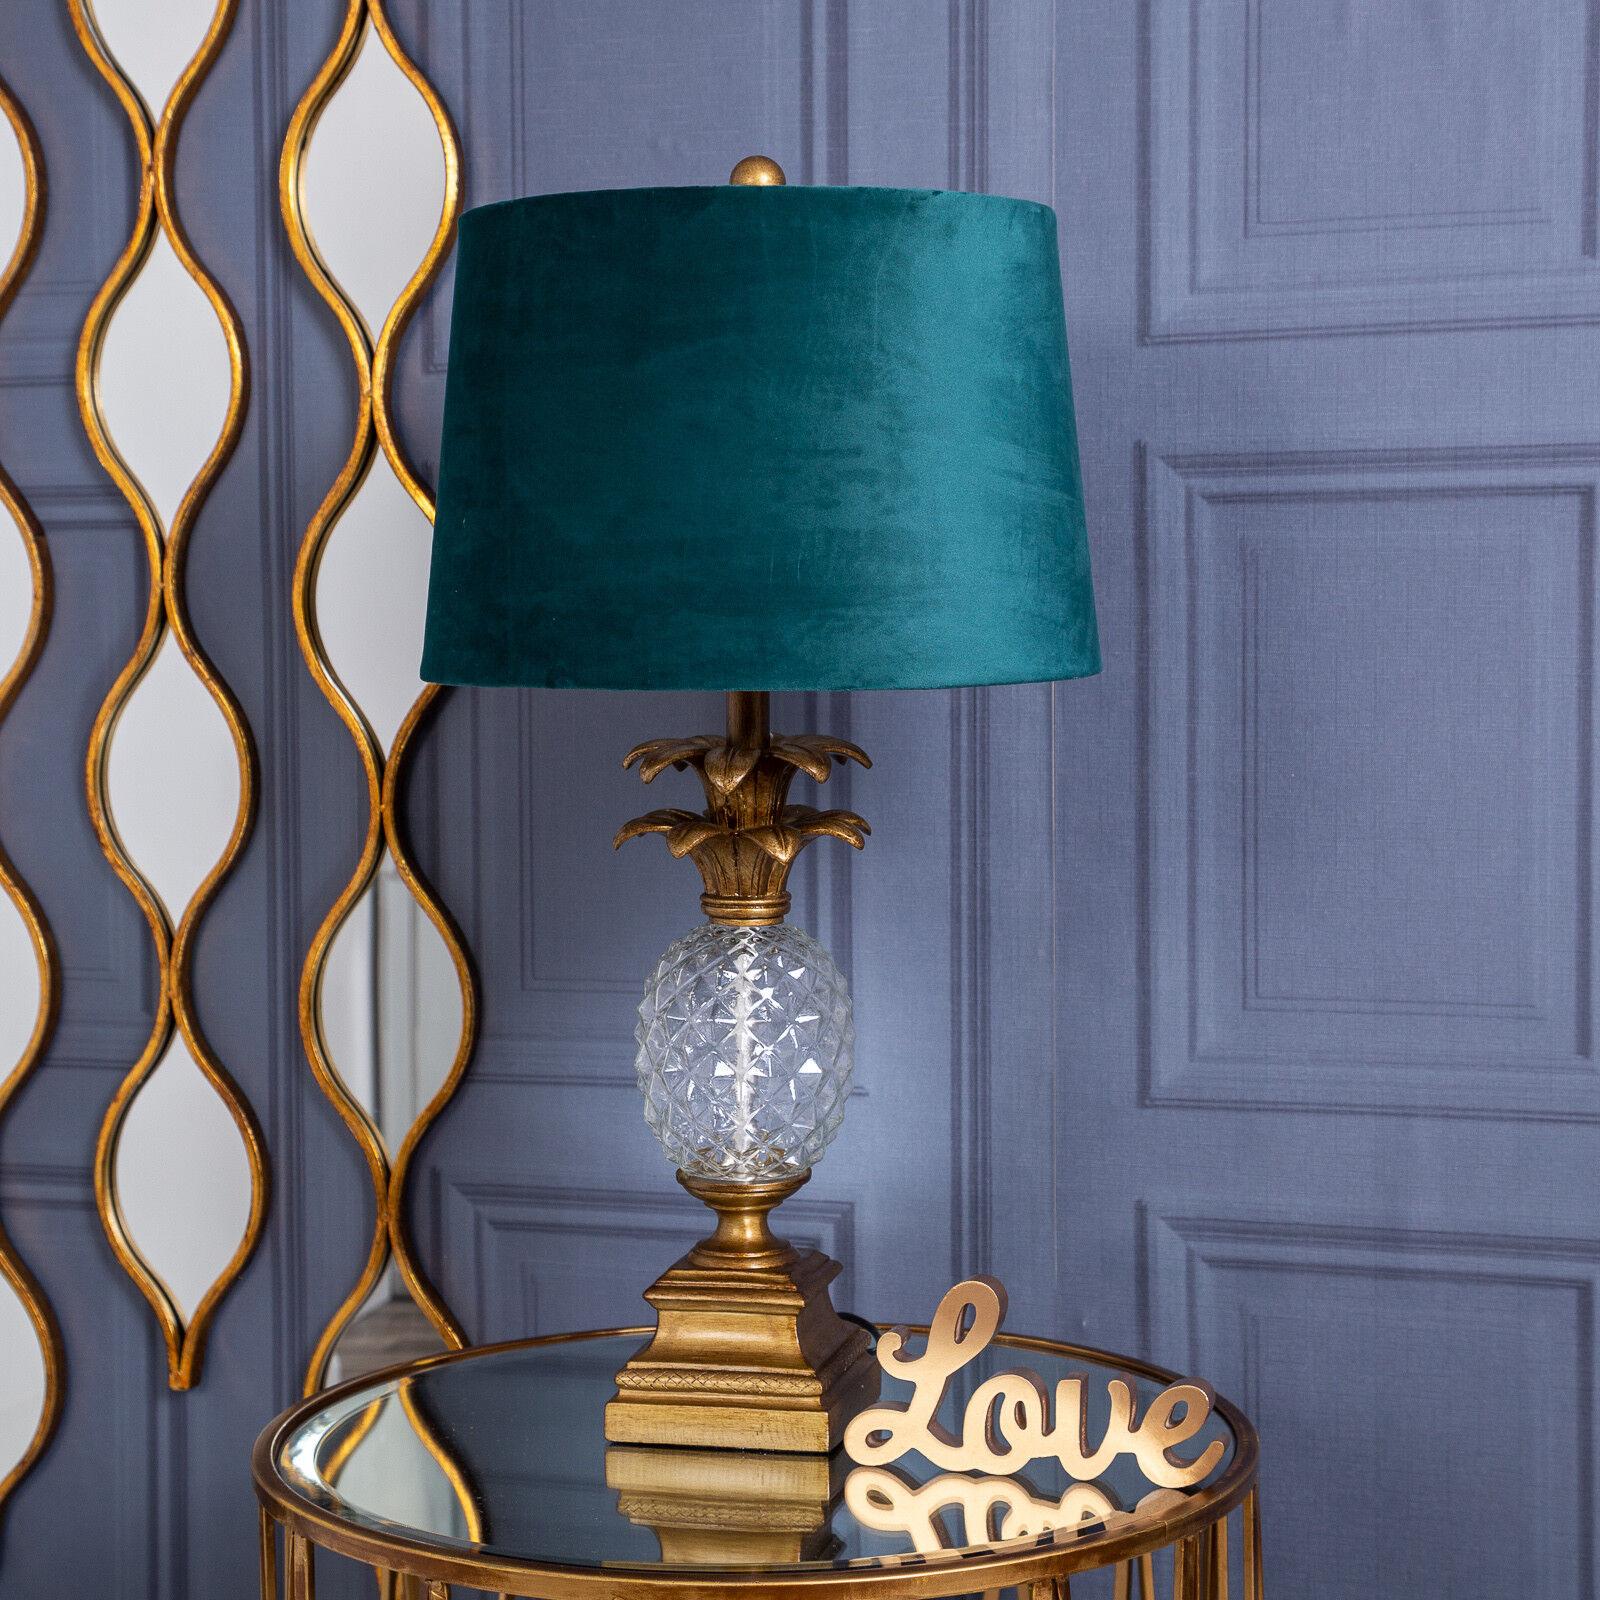 Gold Ananas Lampe Grosser Glas Tischlampe Moderne Flur Wohnzimmer Schlafzimmer Ebay